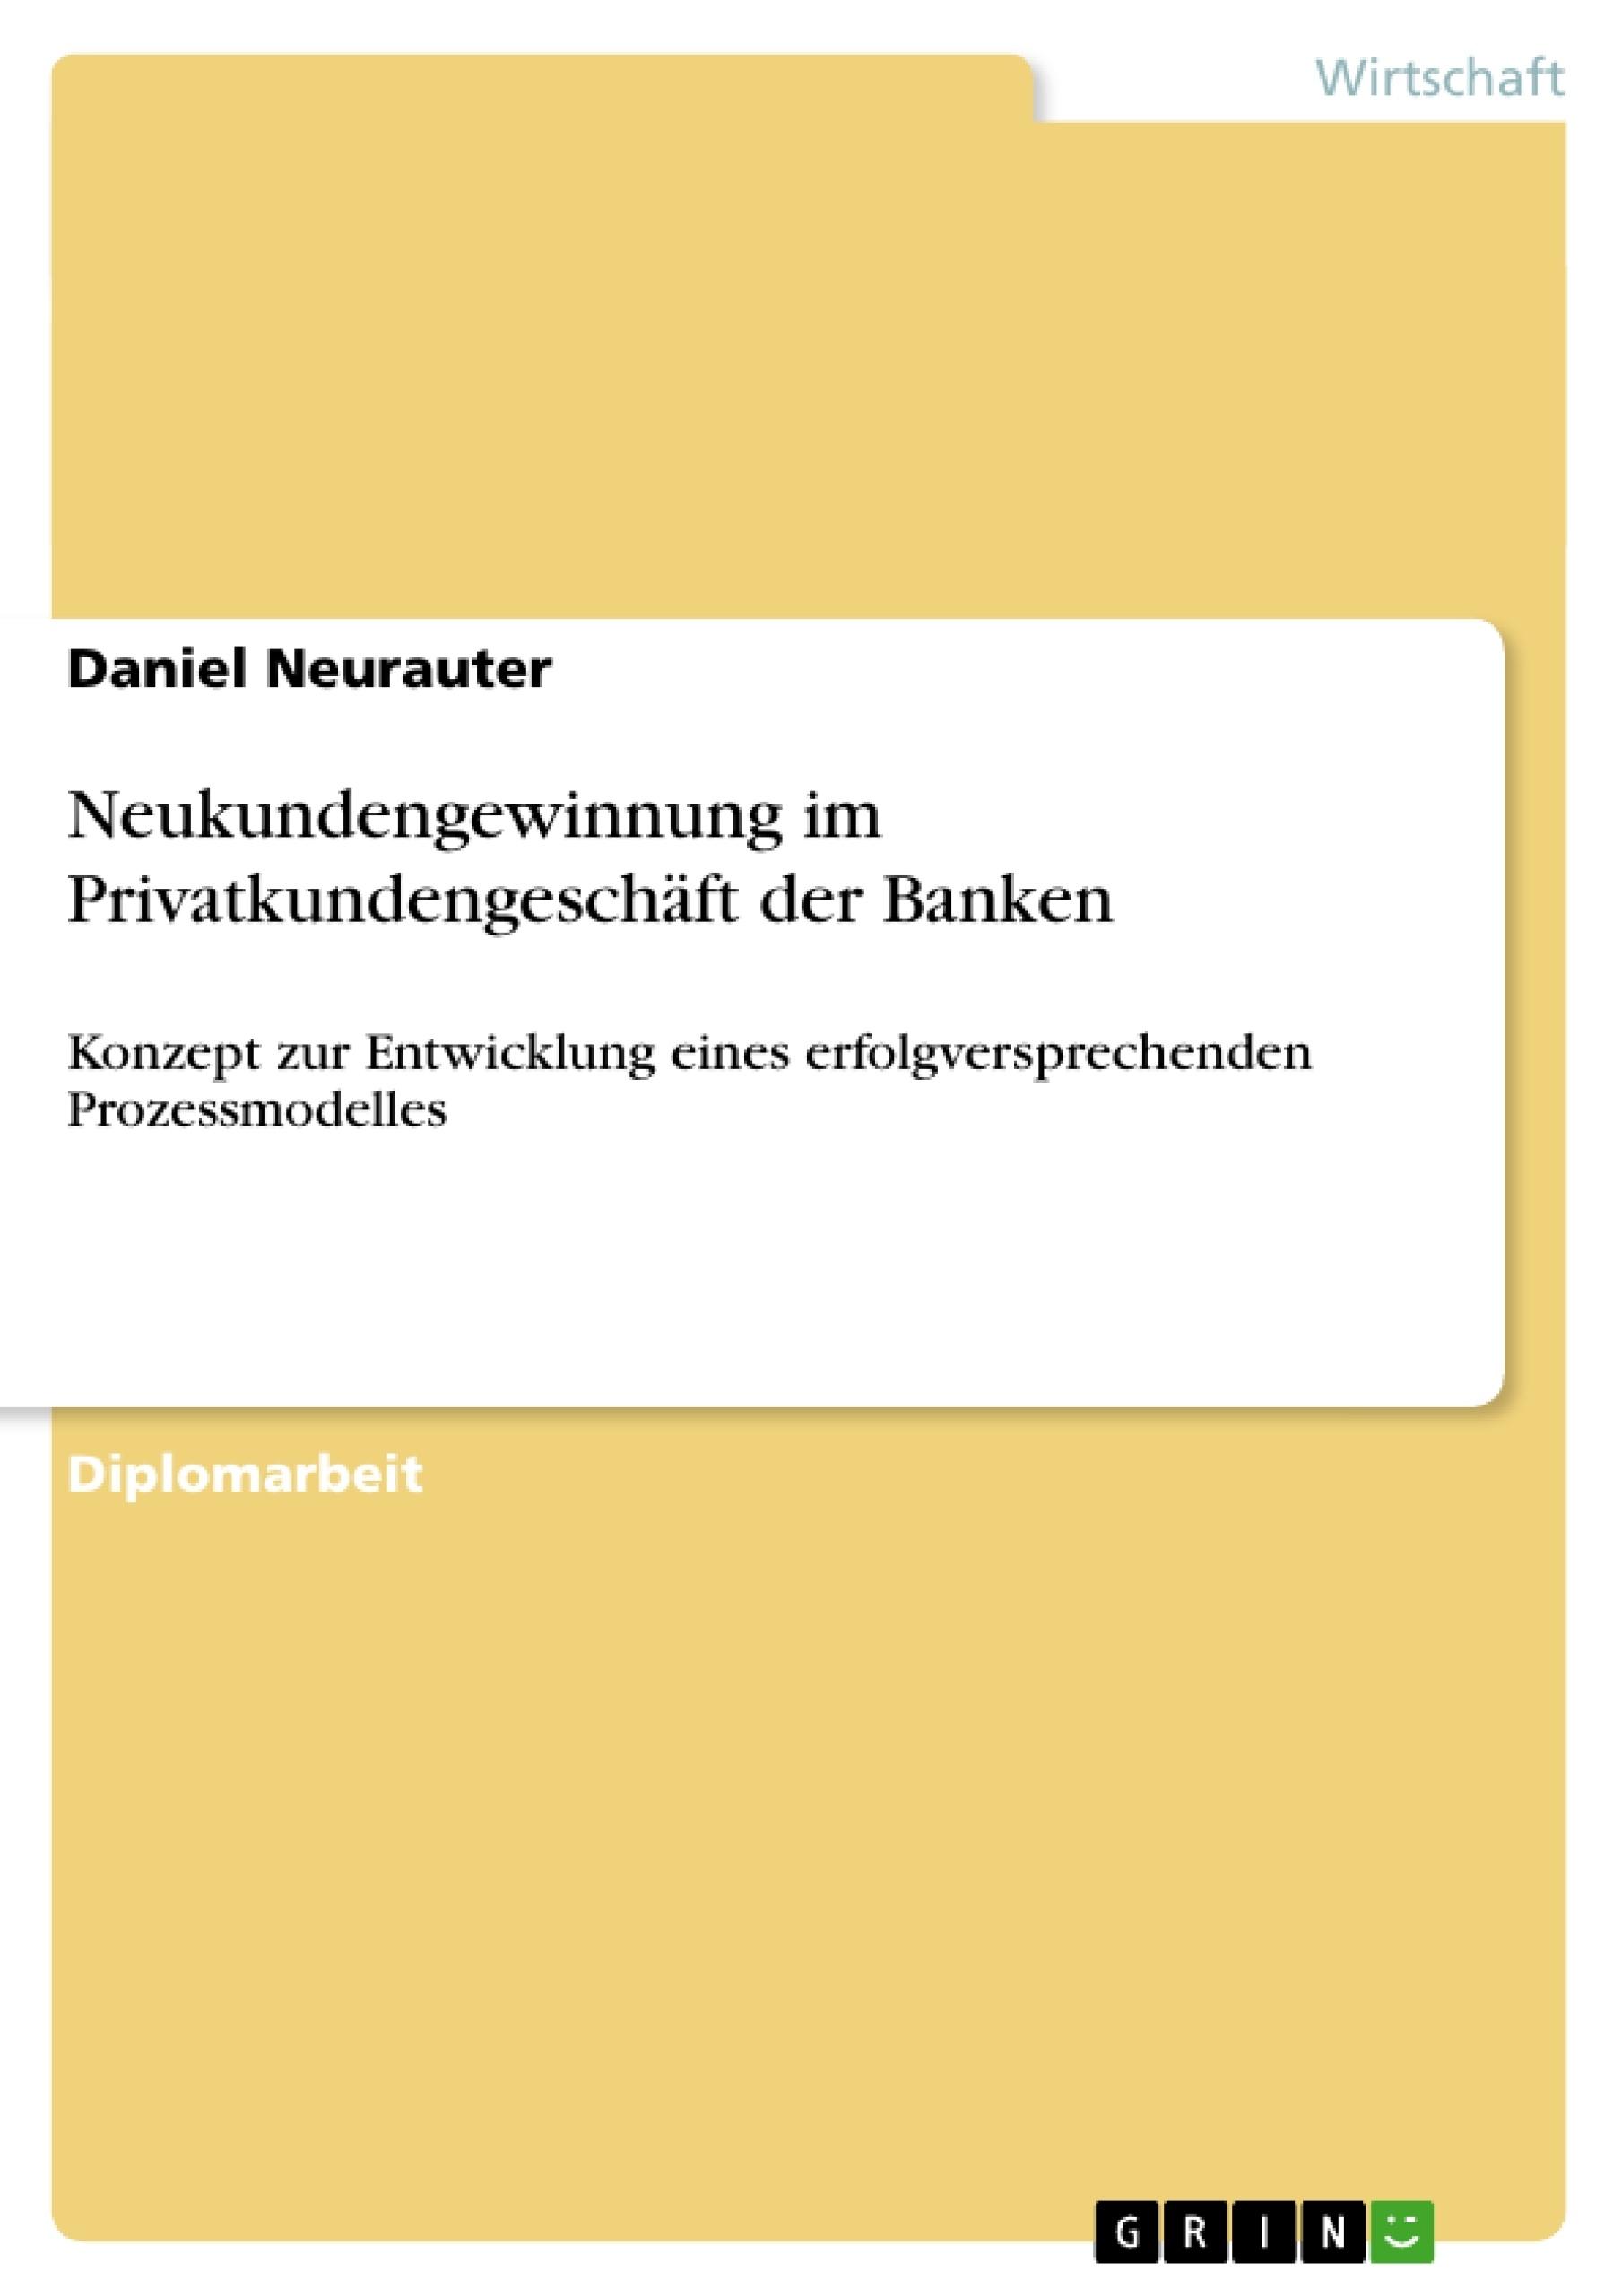 Titel: Neukundengewinnung im Privatkundengeschäft der Banken